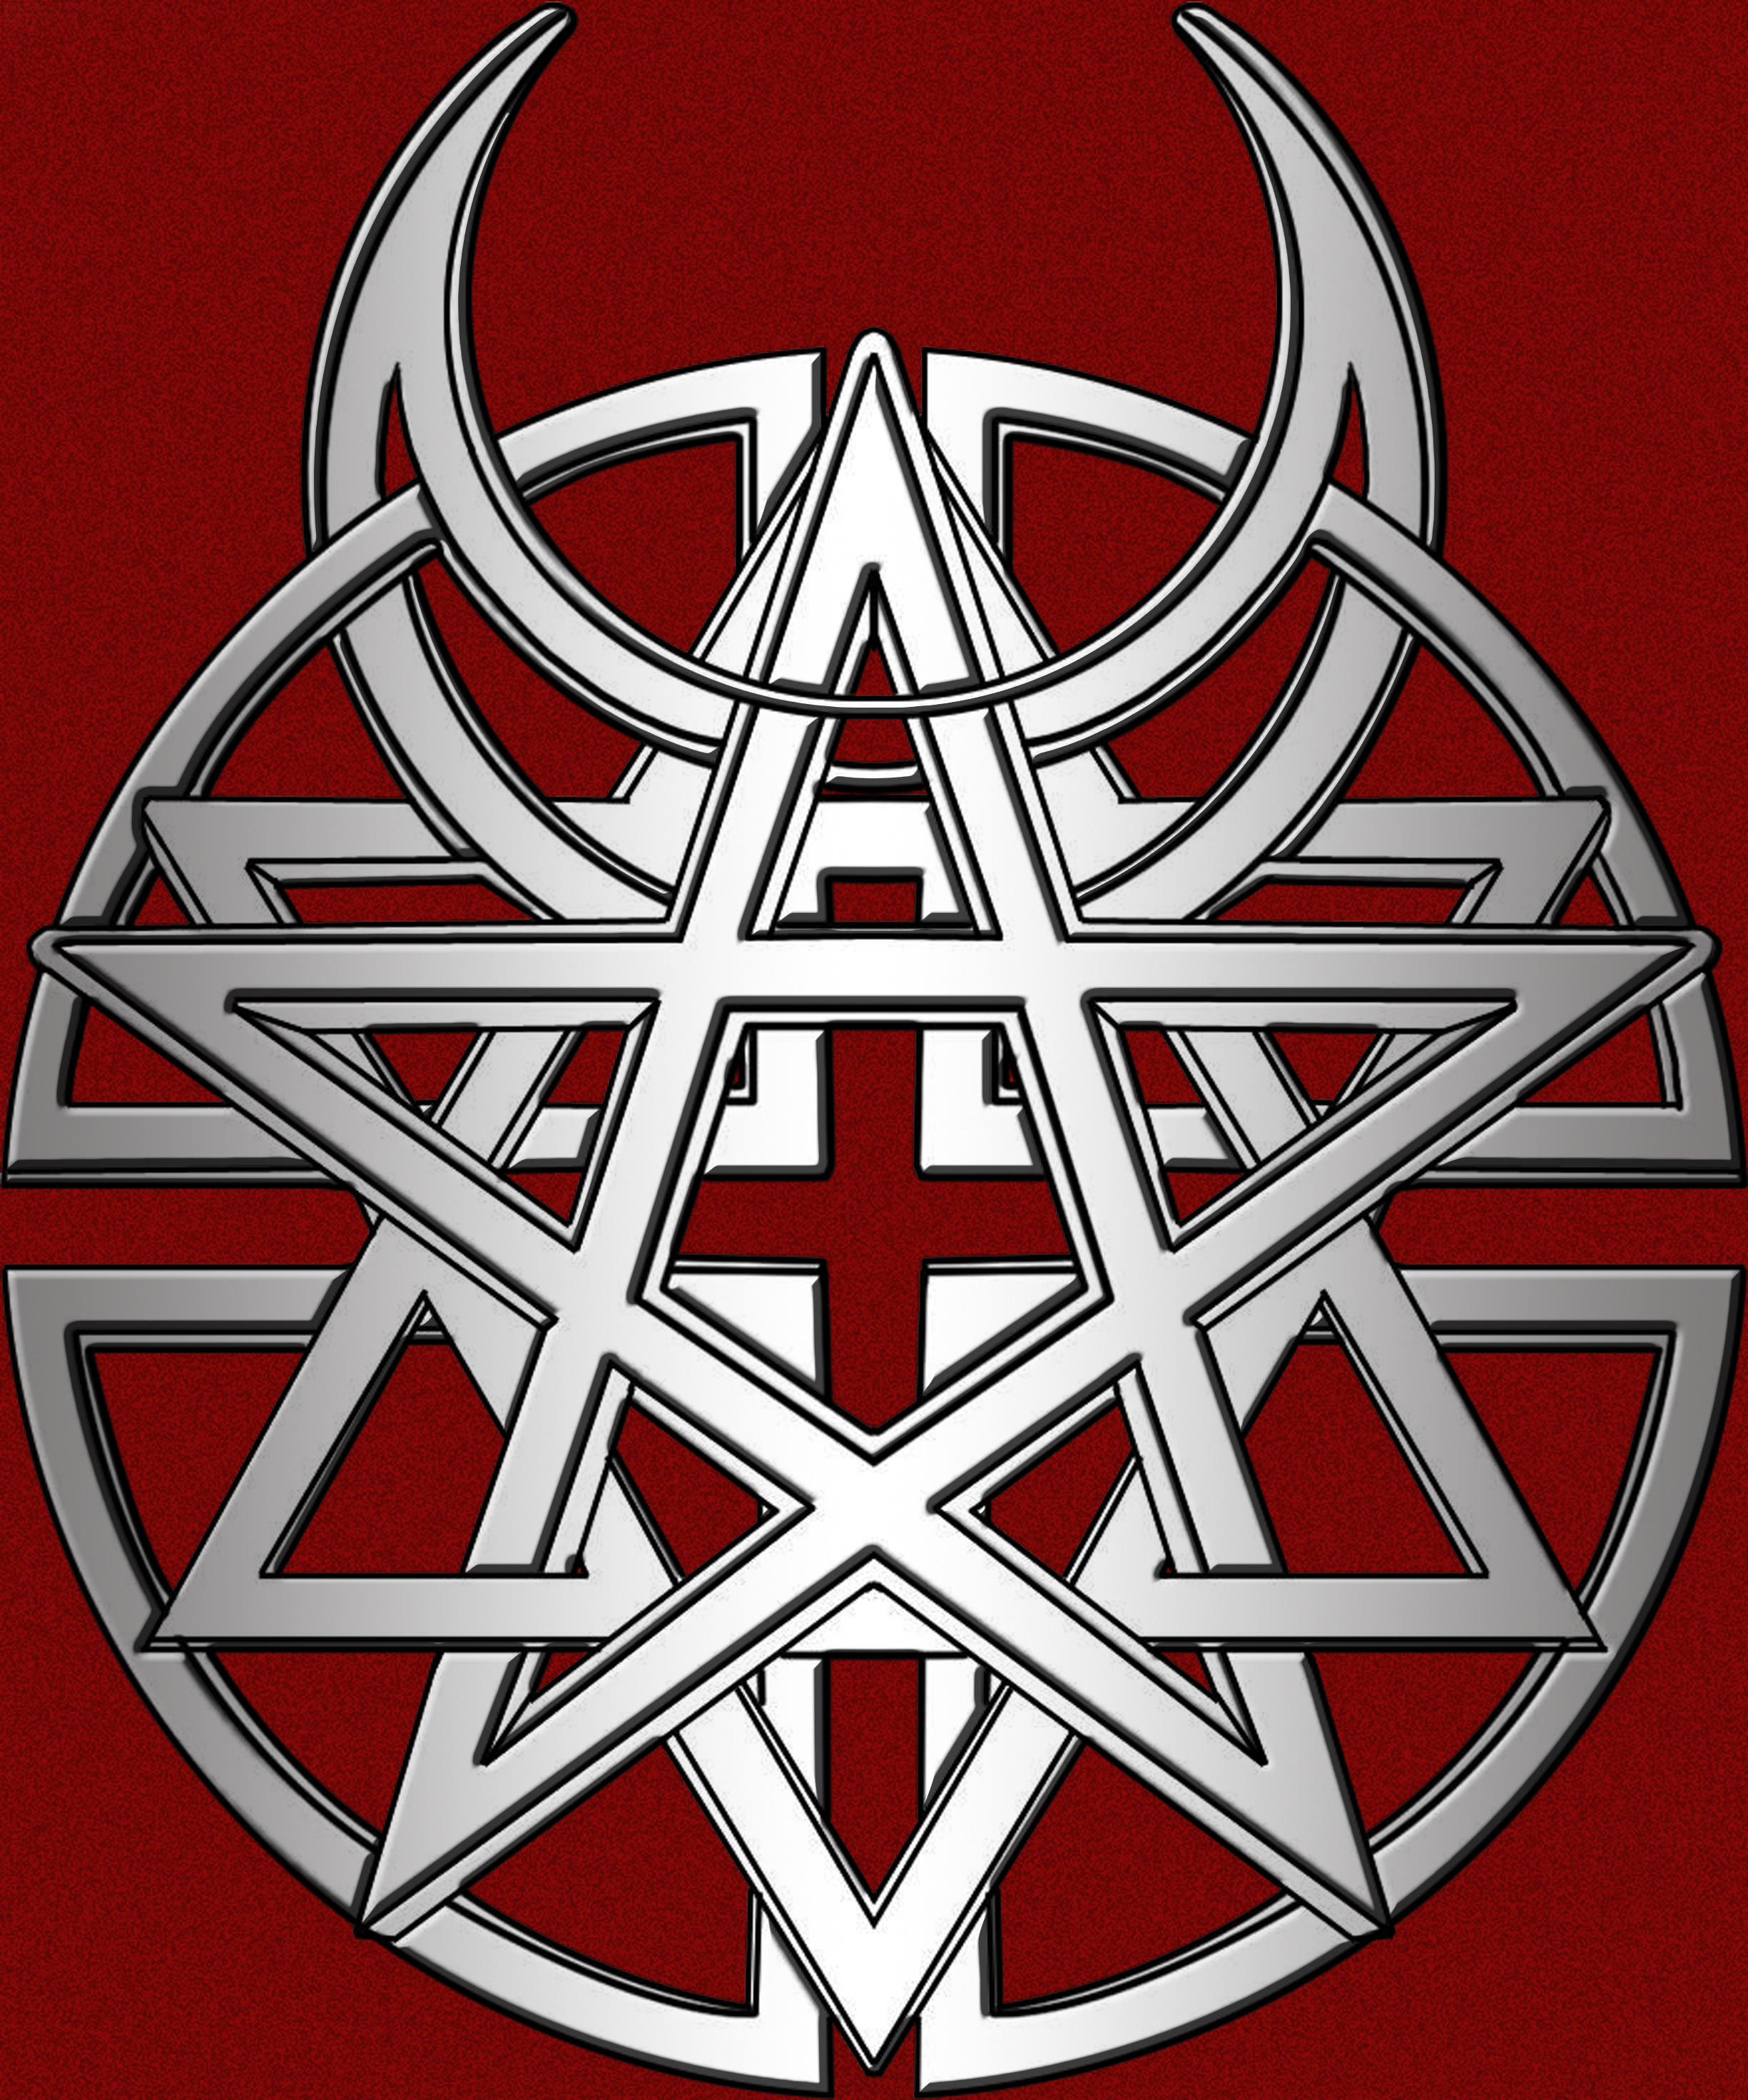 disturbed logo 2 by DarkTwilightEclipse on DeviantArt